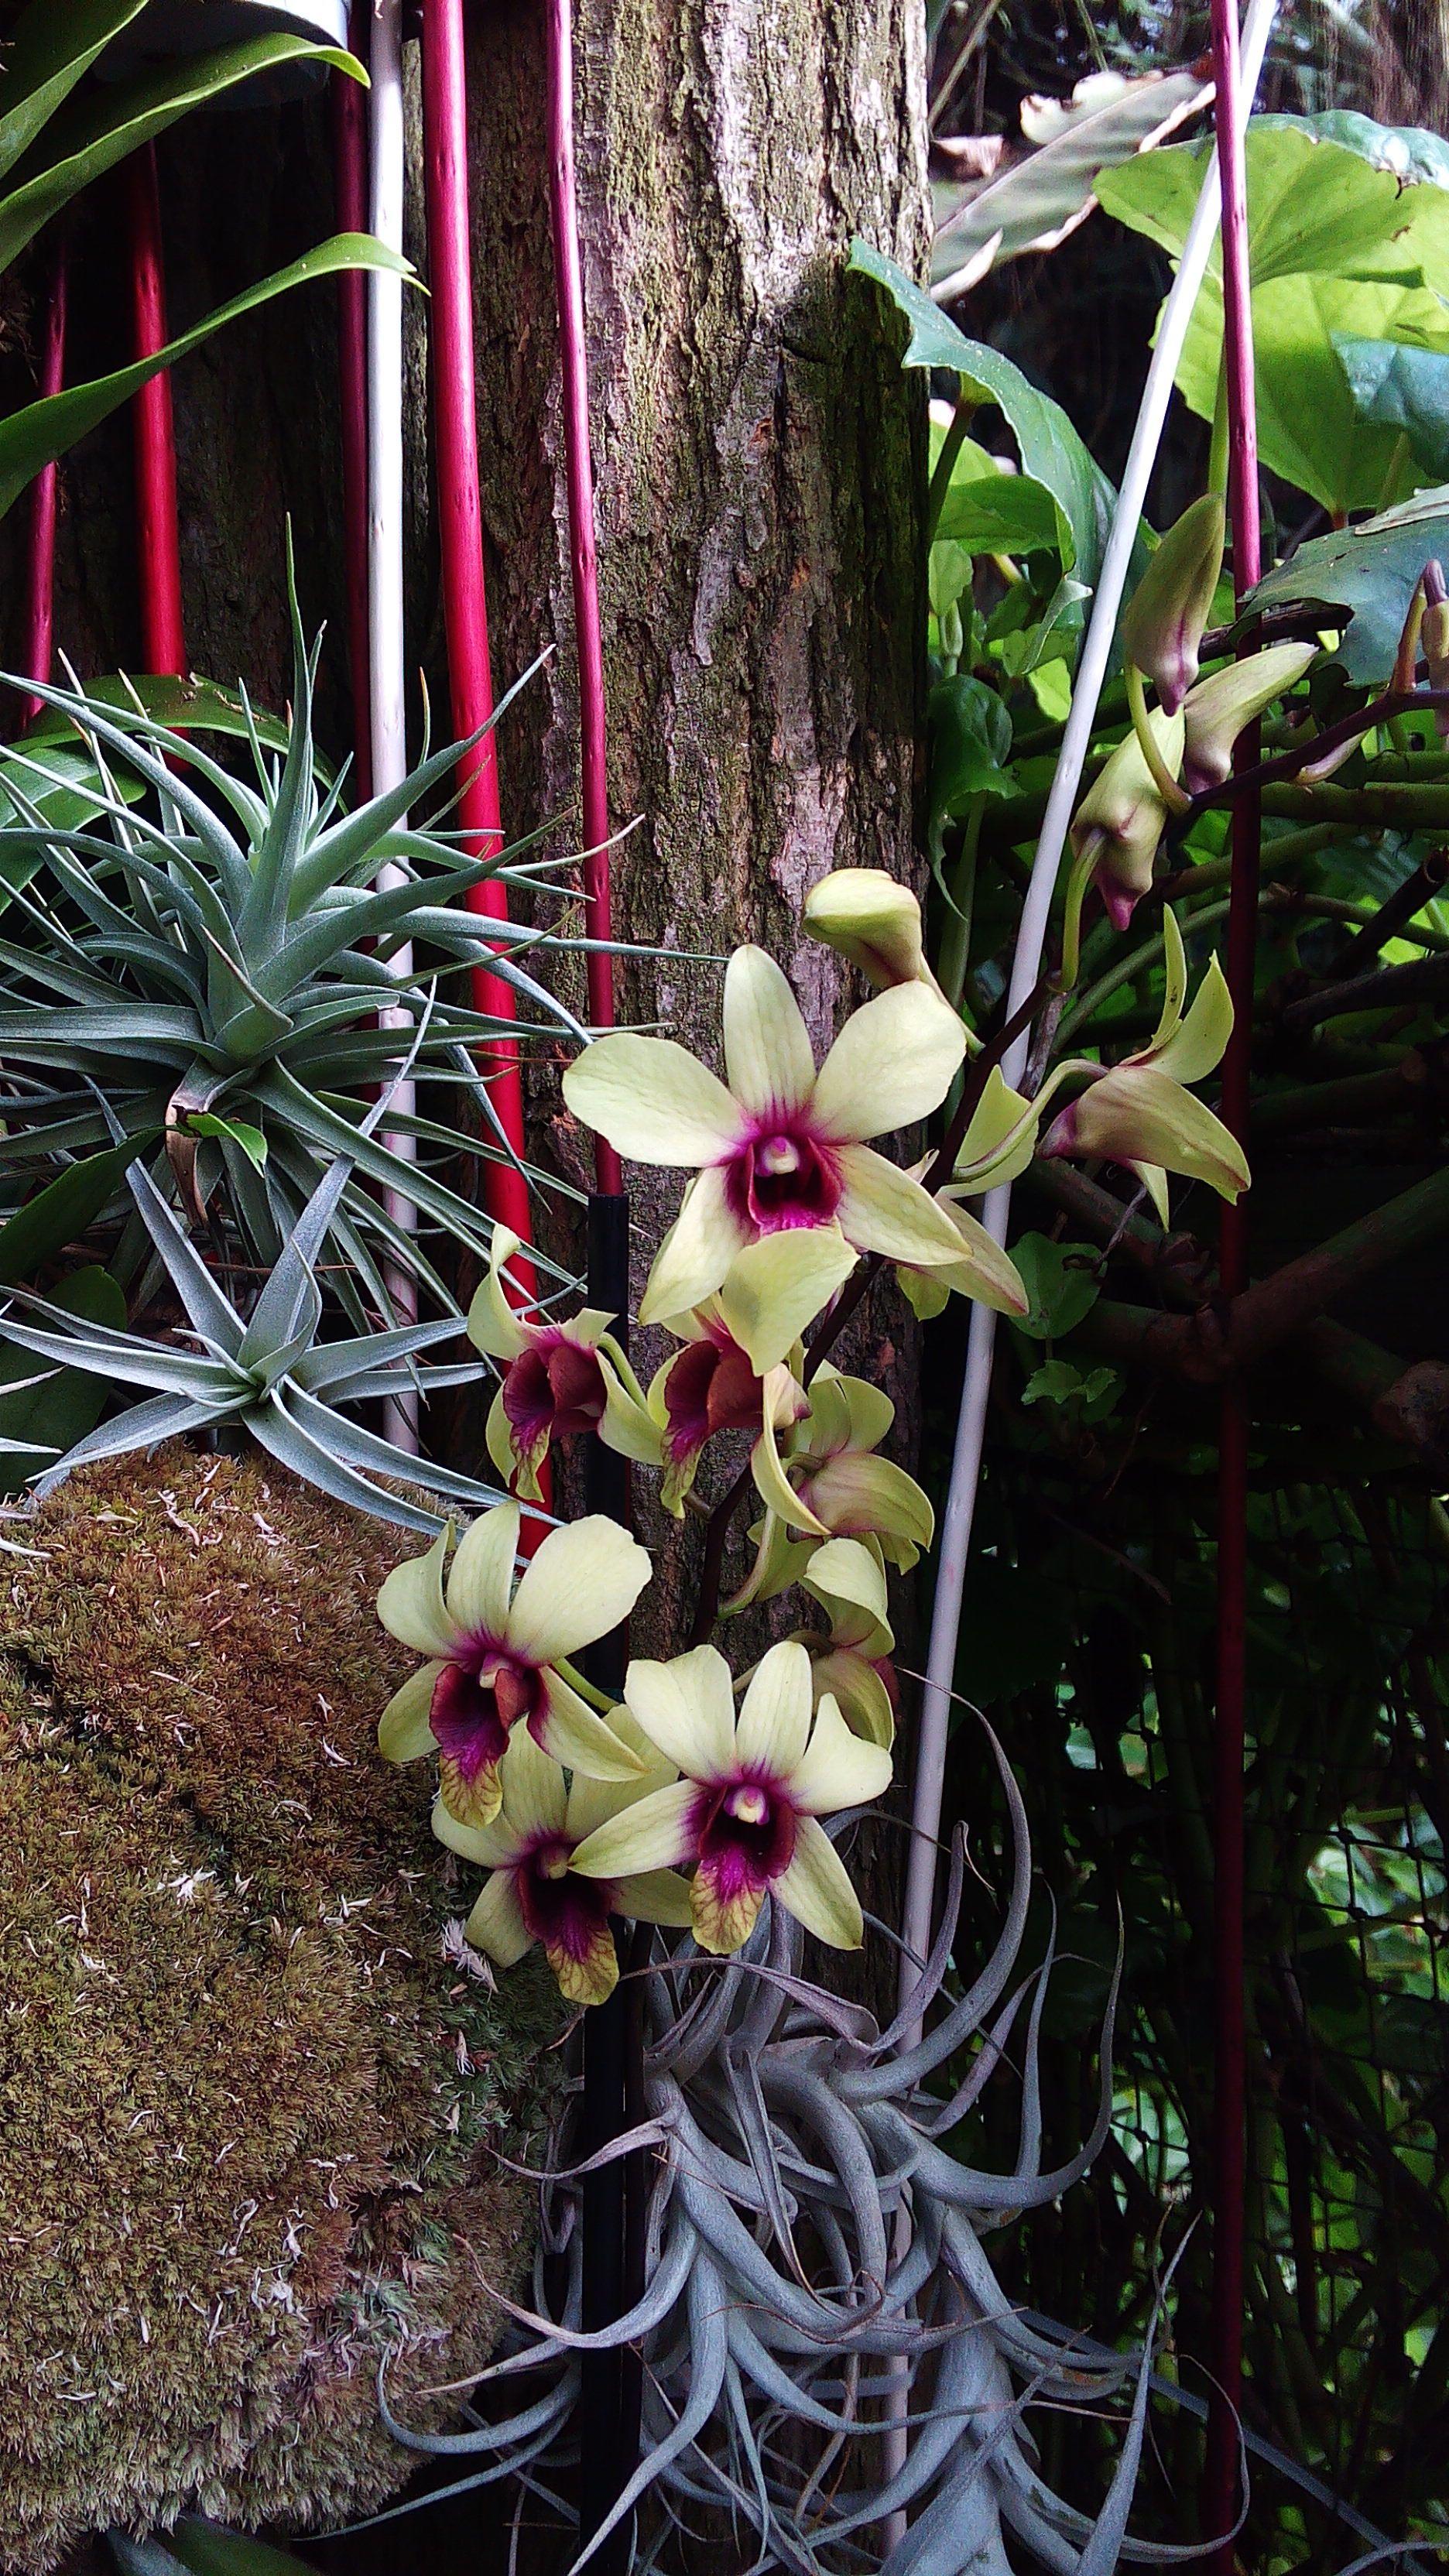 orchid exhibition 03/2015 Orchidée rose, Planter des